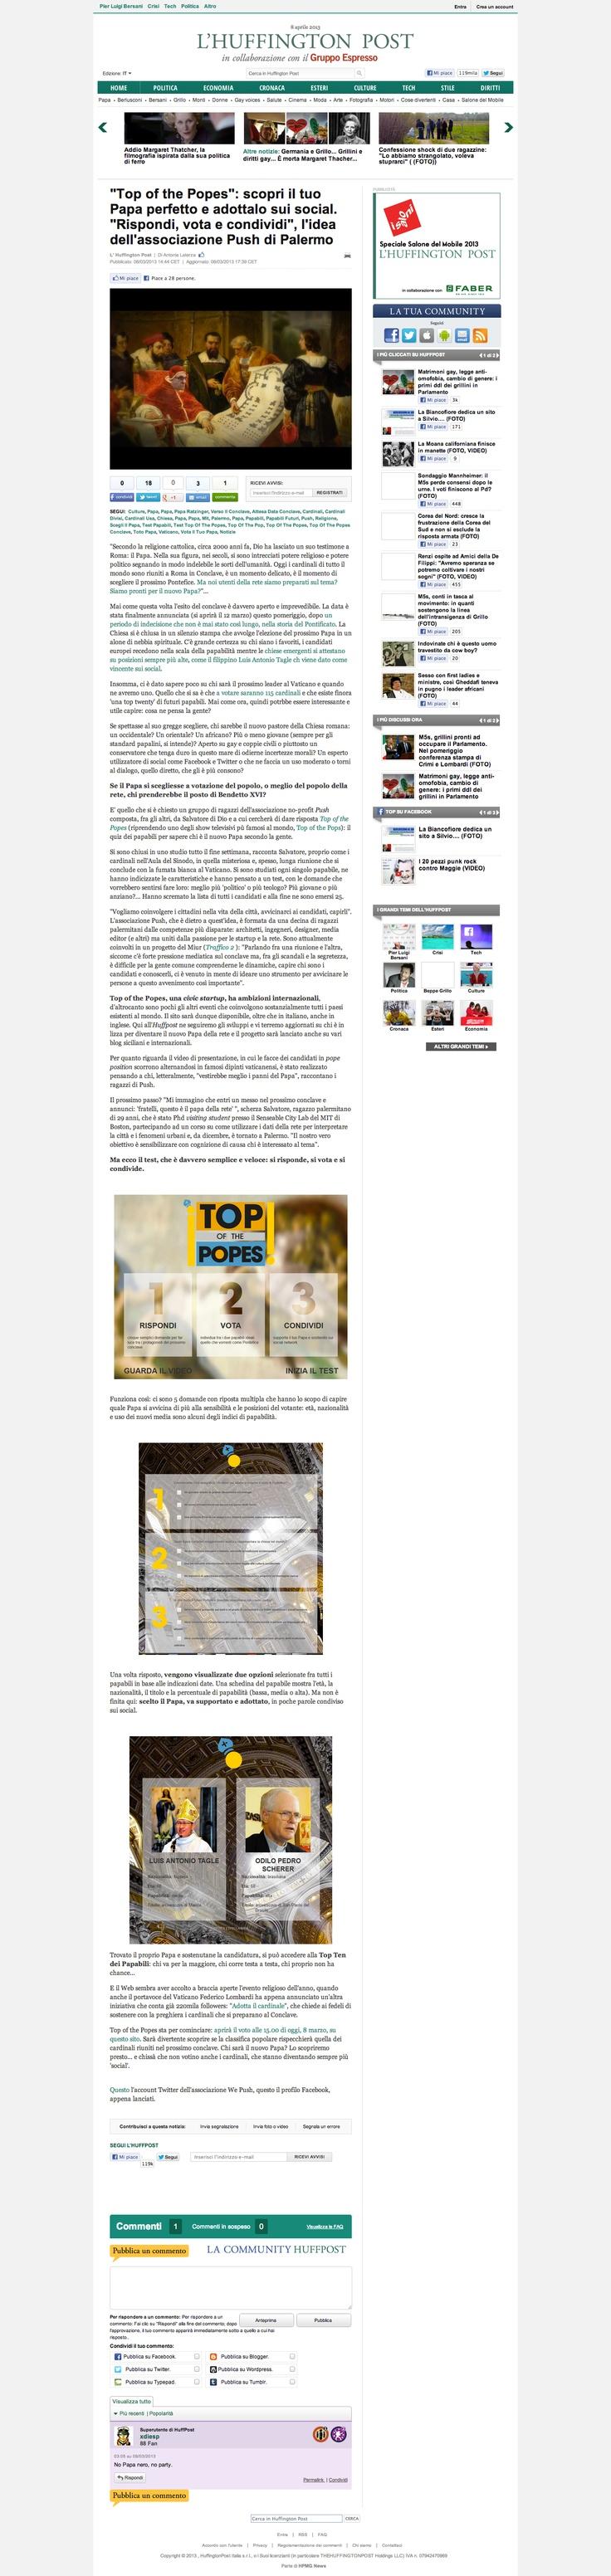 Article appeared on the Huffington Post Italy (8 march '13) [http://www.huffingtonpost.it/2013/03/08/top-of-the-popes-scopri-il-tuo-papa-perfetto-e-adottalo-sui-social-rispondi-vota-e-condividi-lidea-dellassociazione-push-di-palermo_n_2835394.html]